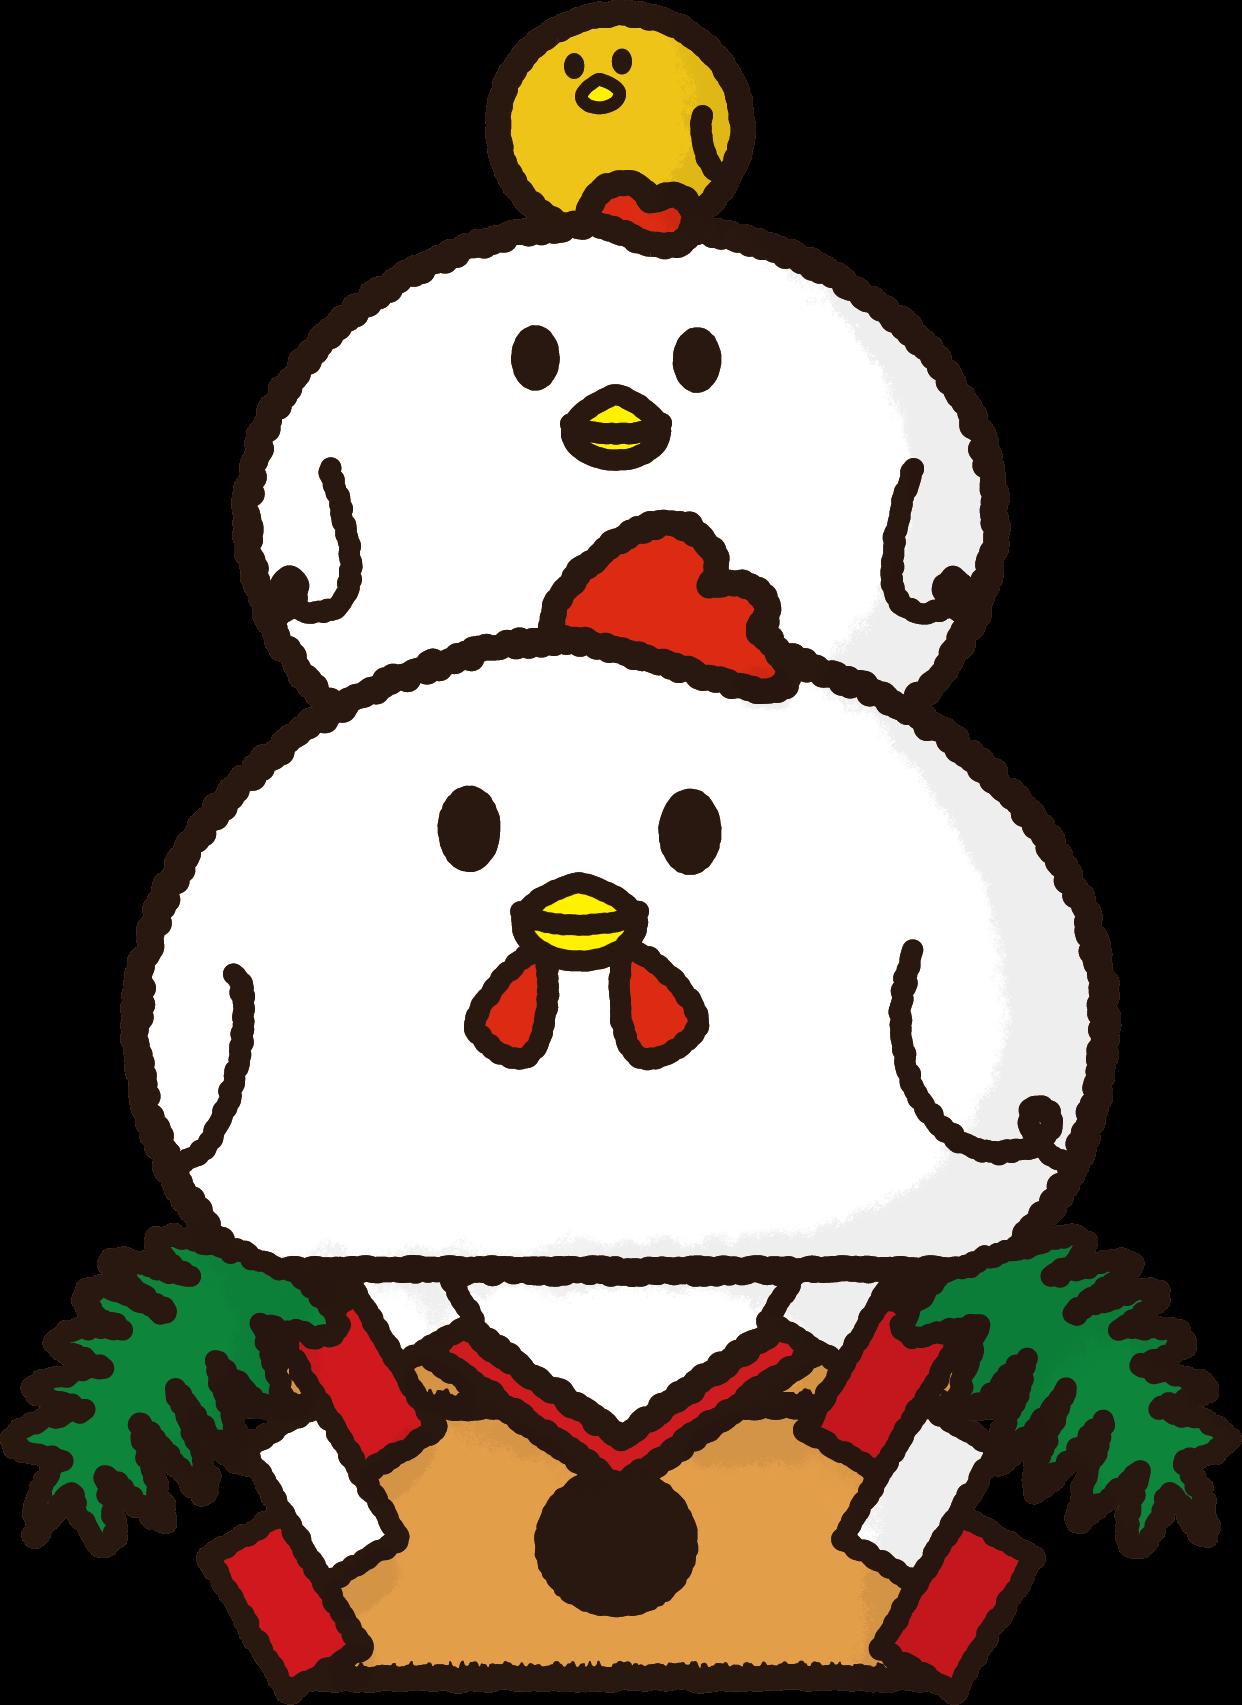 酉年用鏡餅イラスト / 鶏とヒヨコで | 可愛い無料イラスト素材集